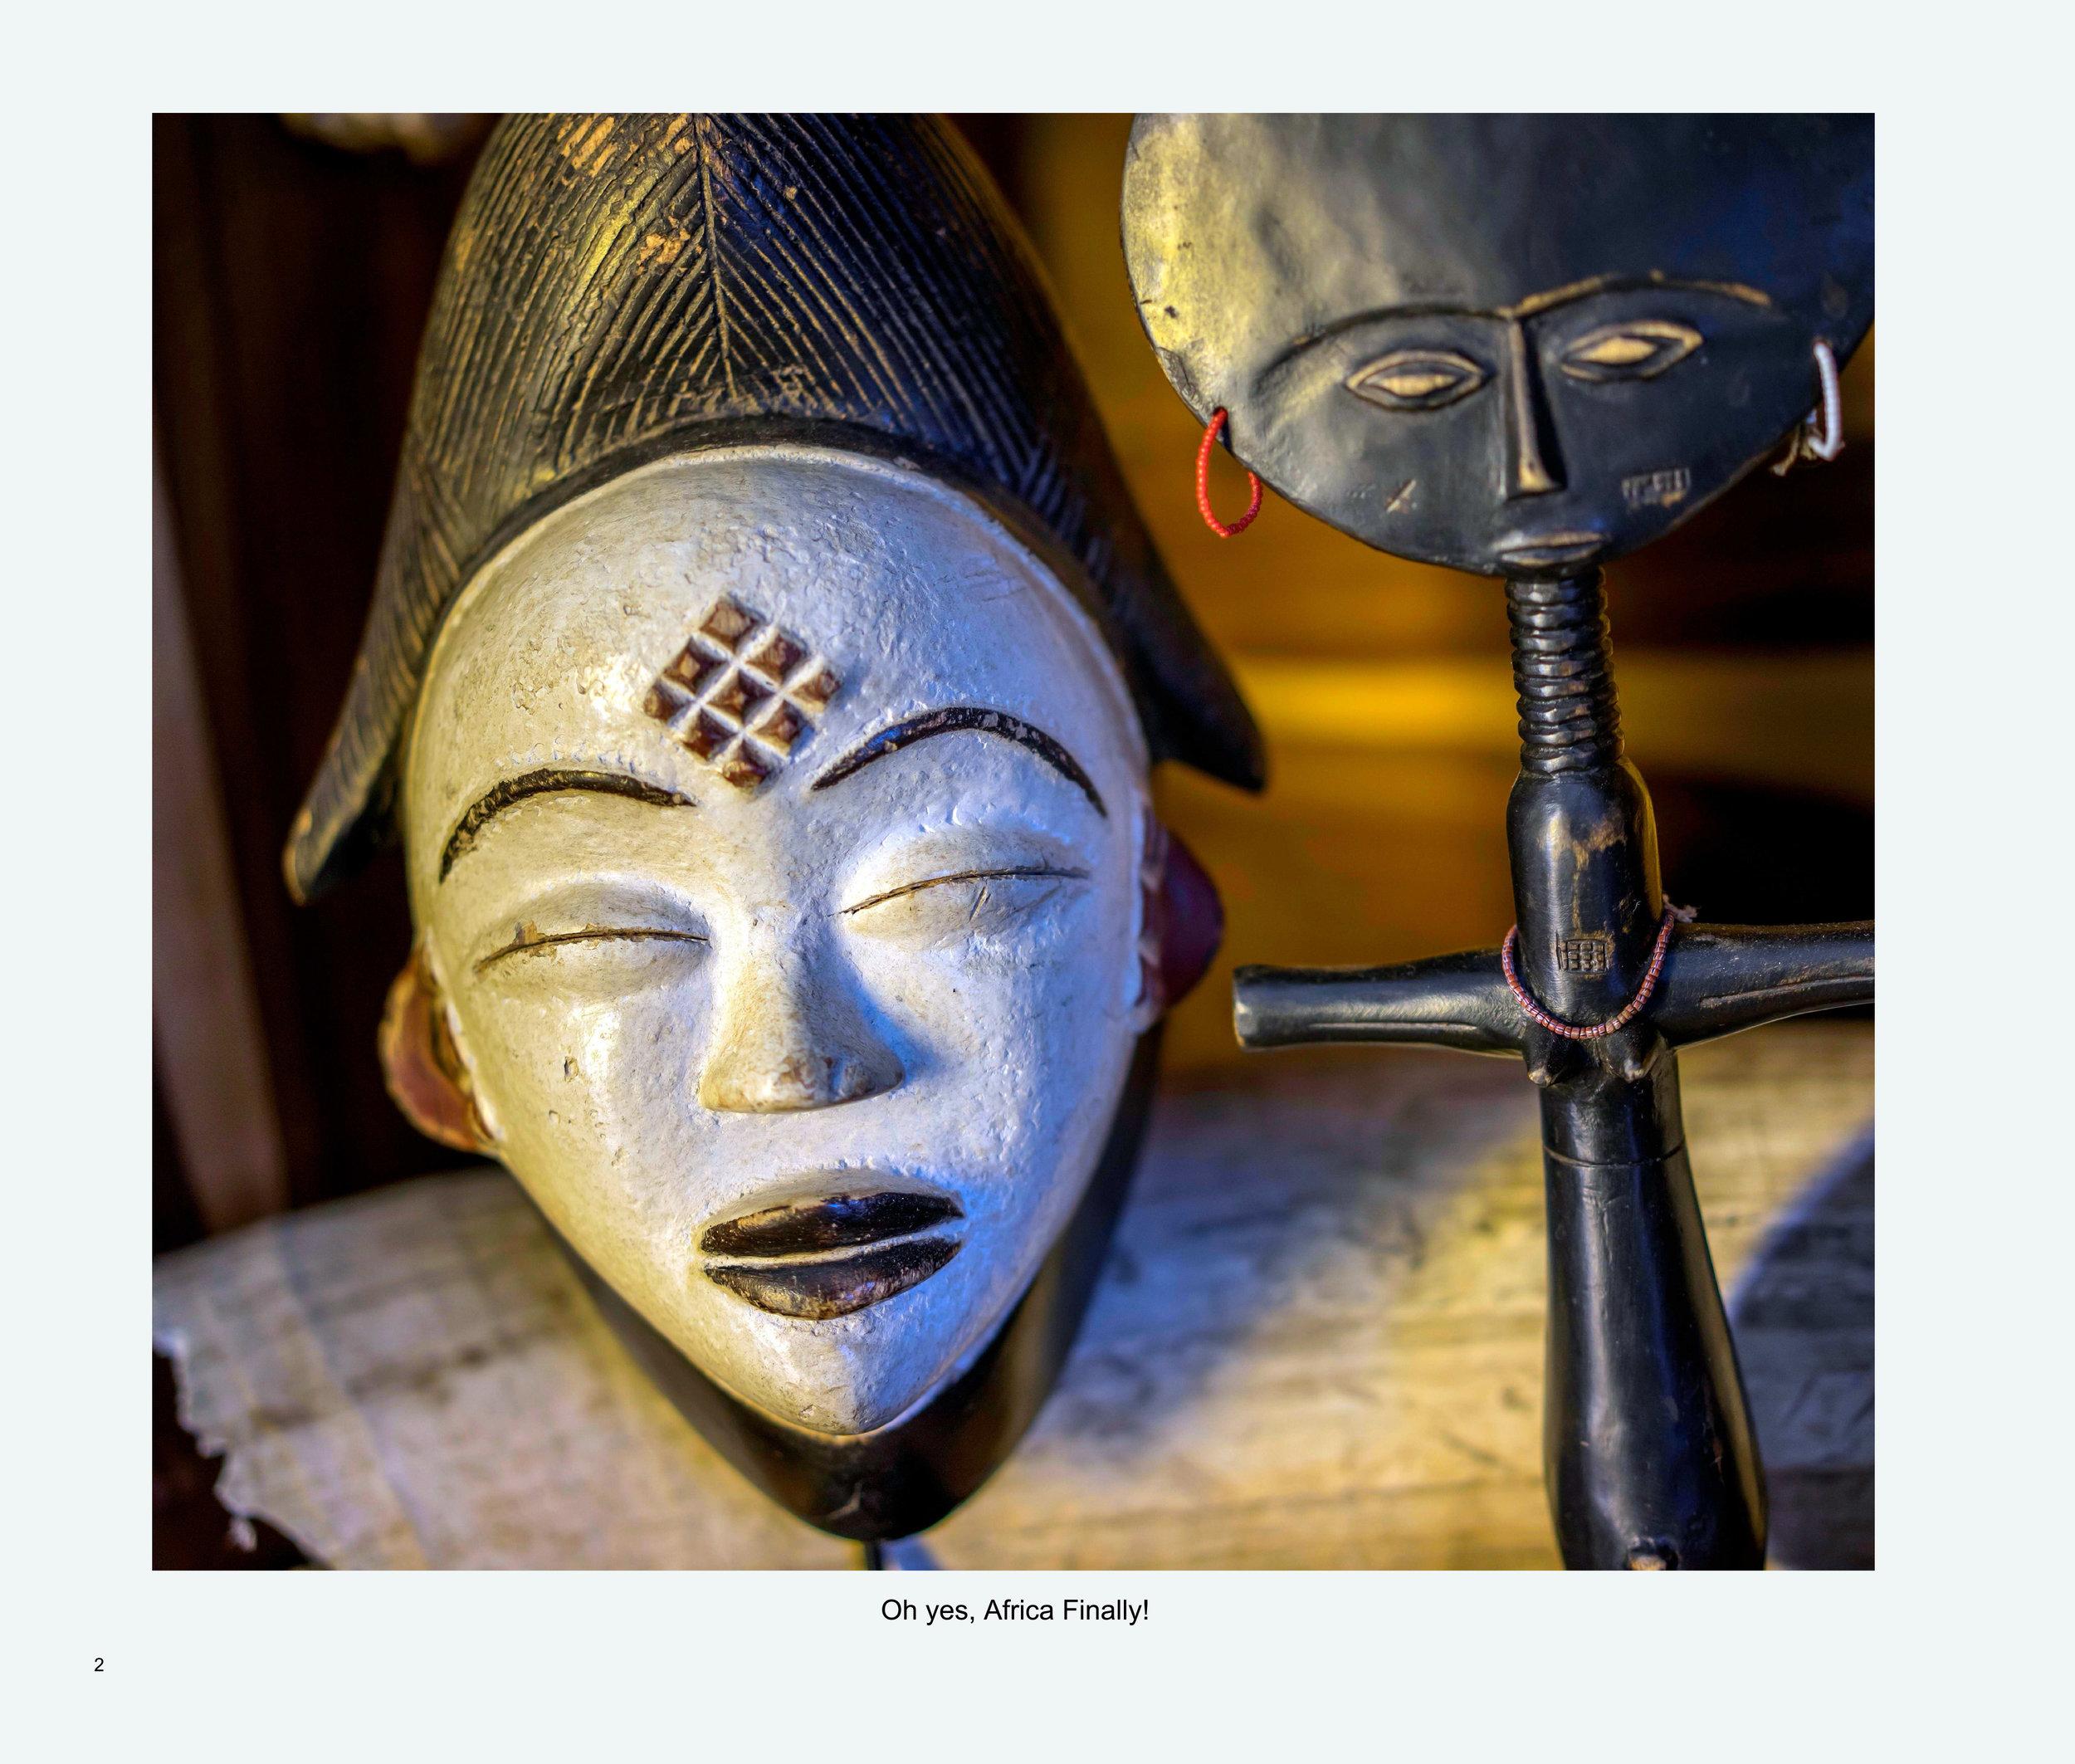 ImagesASouthernAfricaRoadTrip-4.jpg